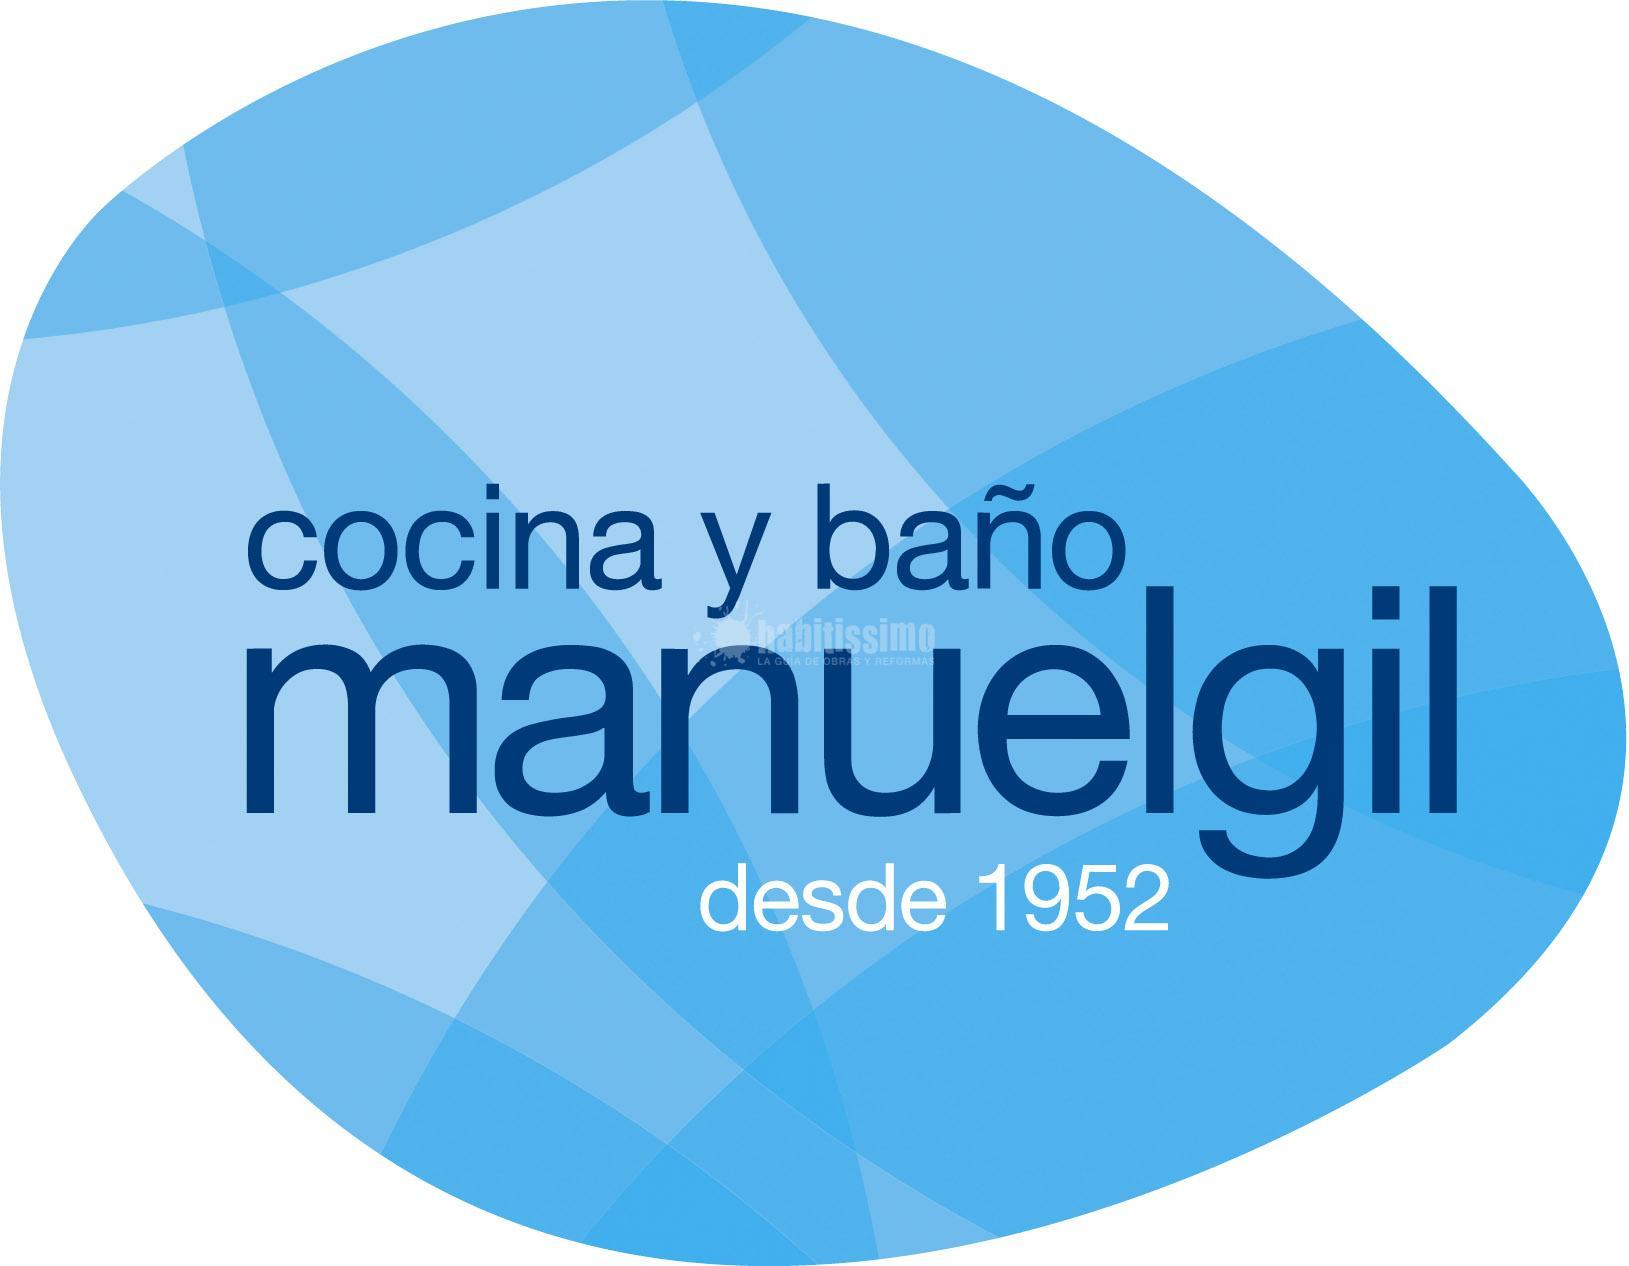 Manuelgil, Cocinas, Baños y Reformas